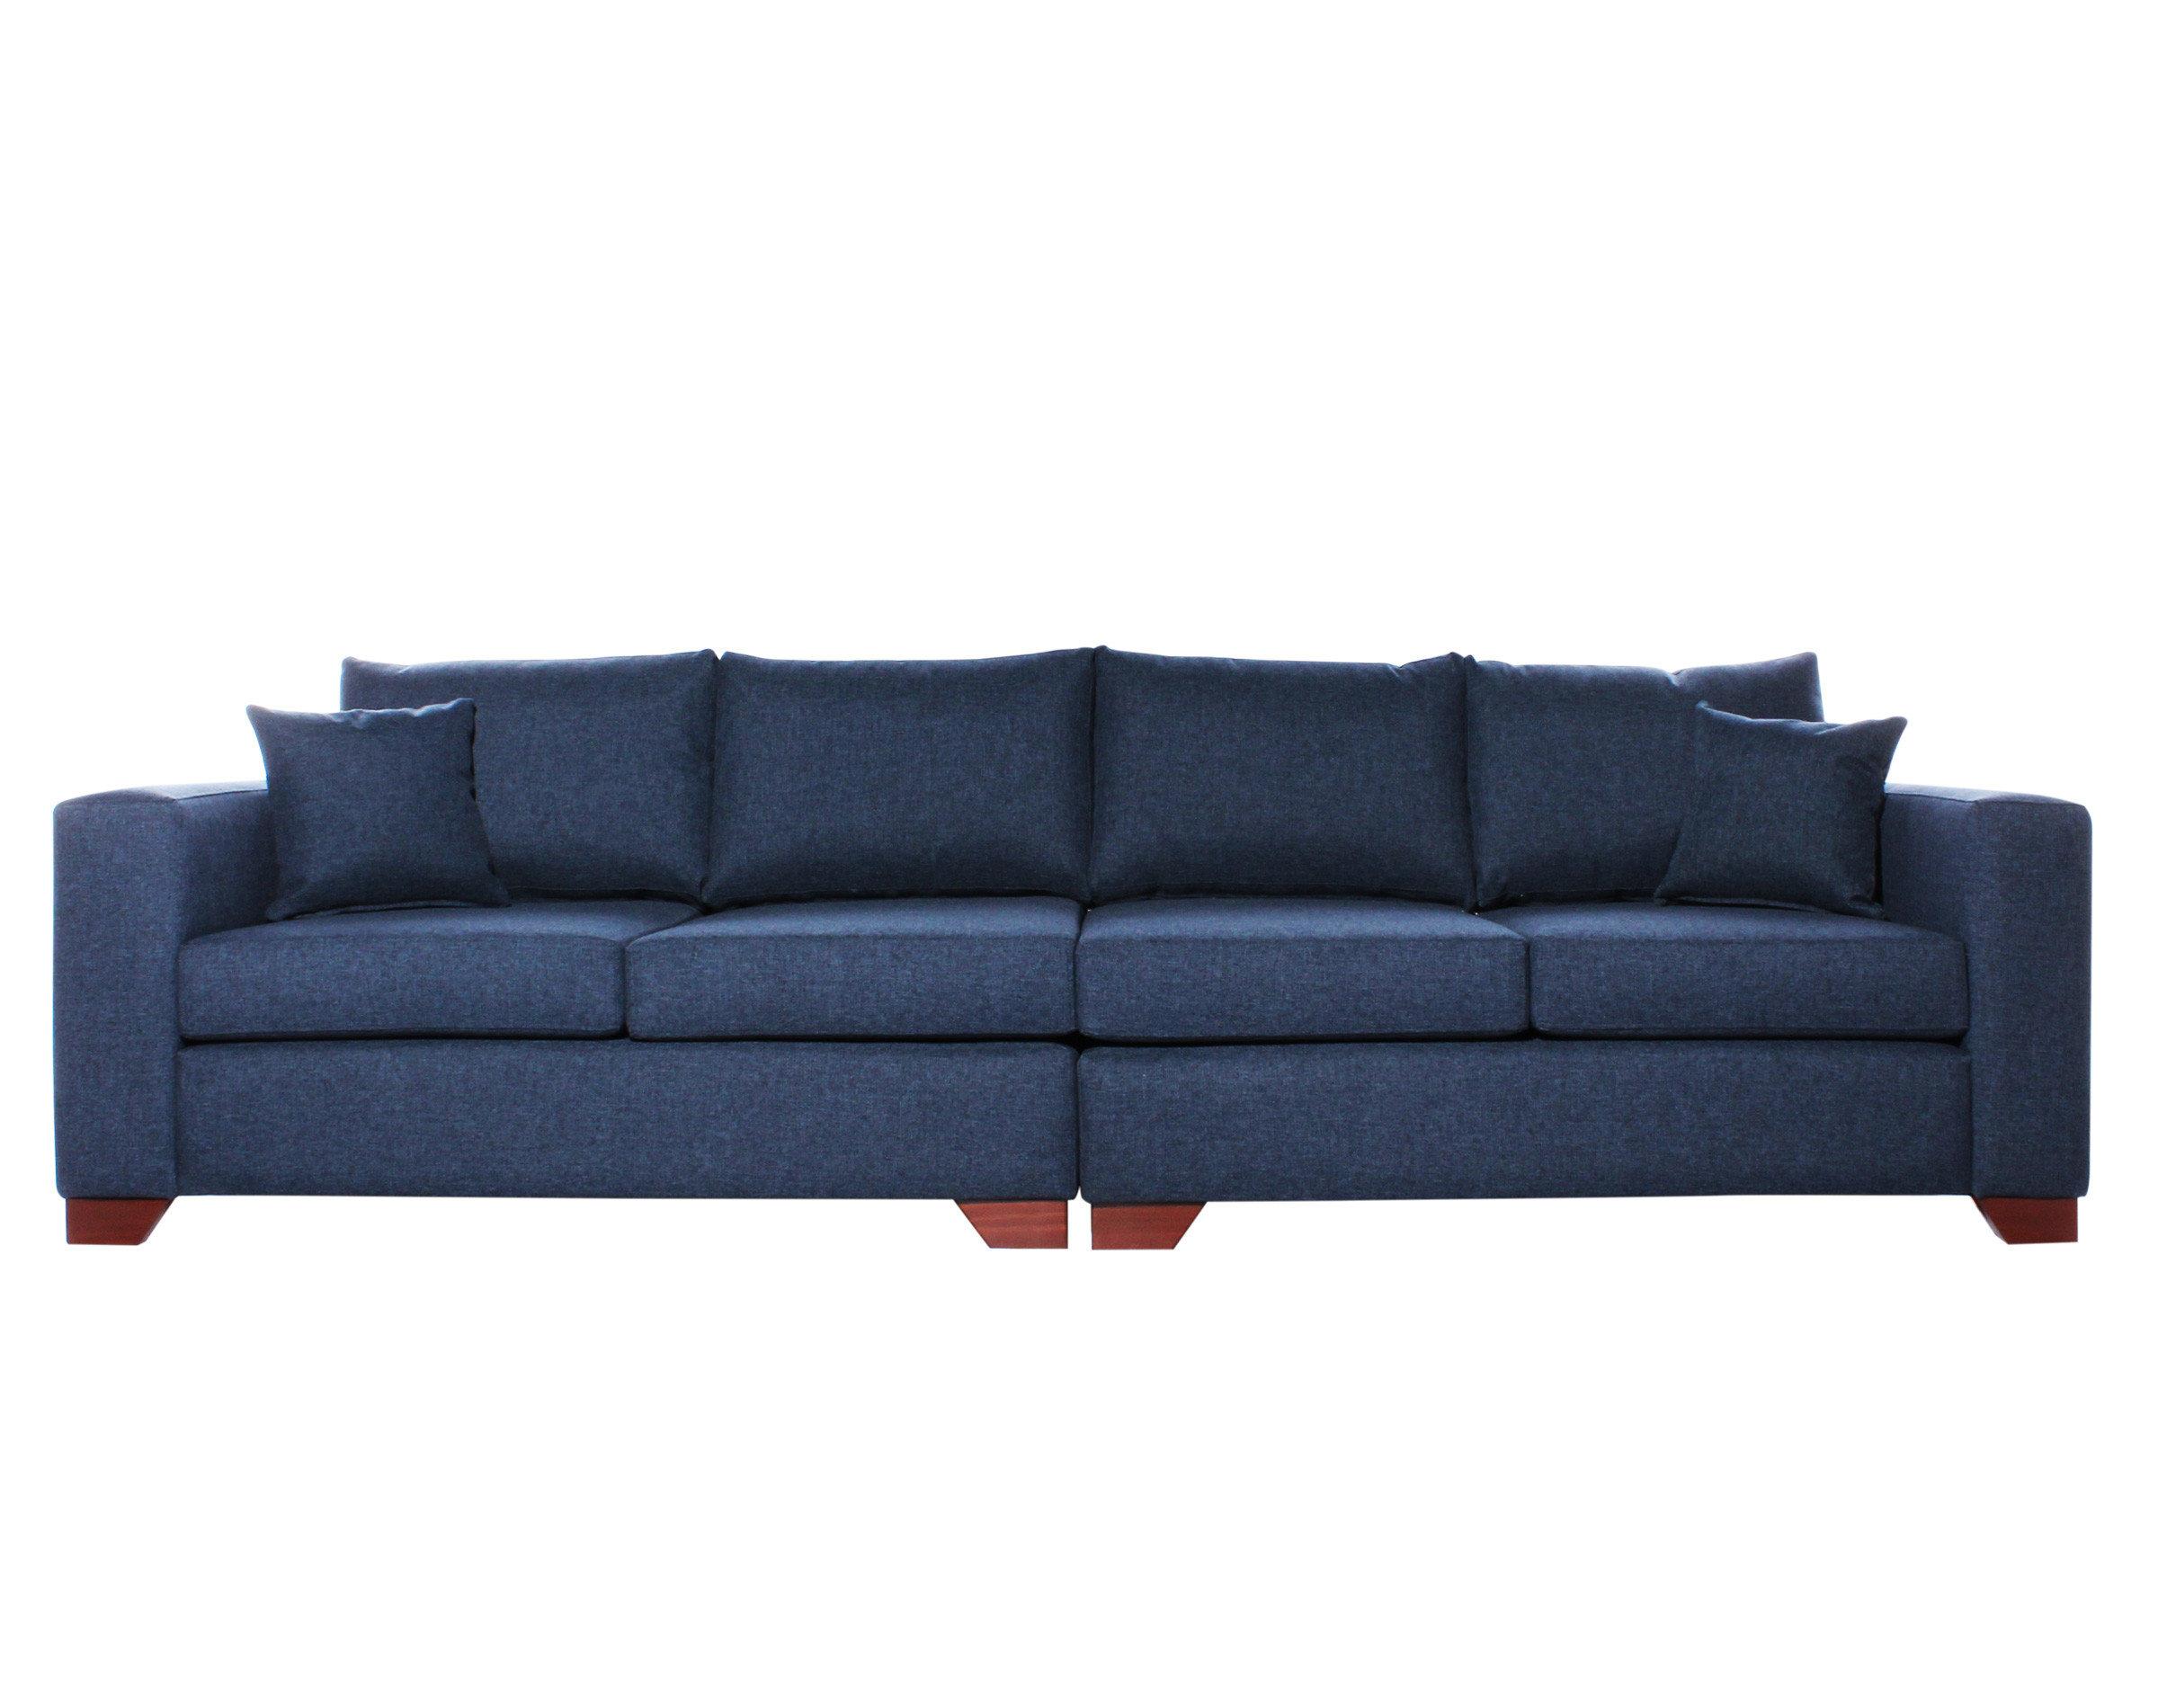 Sofa 4 Cuerpos Monaco XSD azul patas de madera color cedro